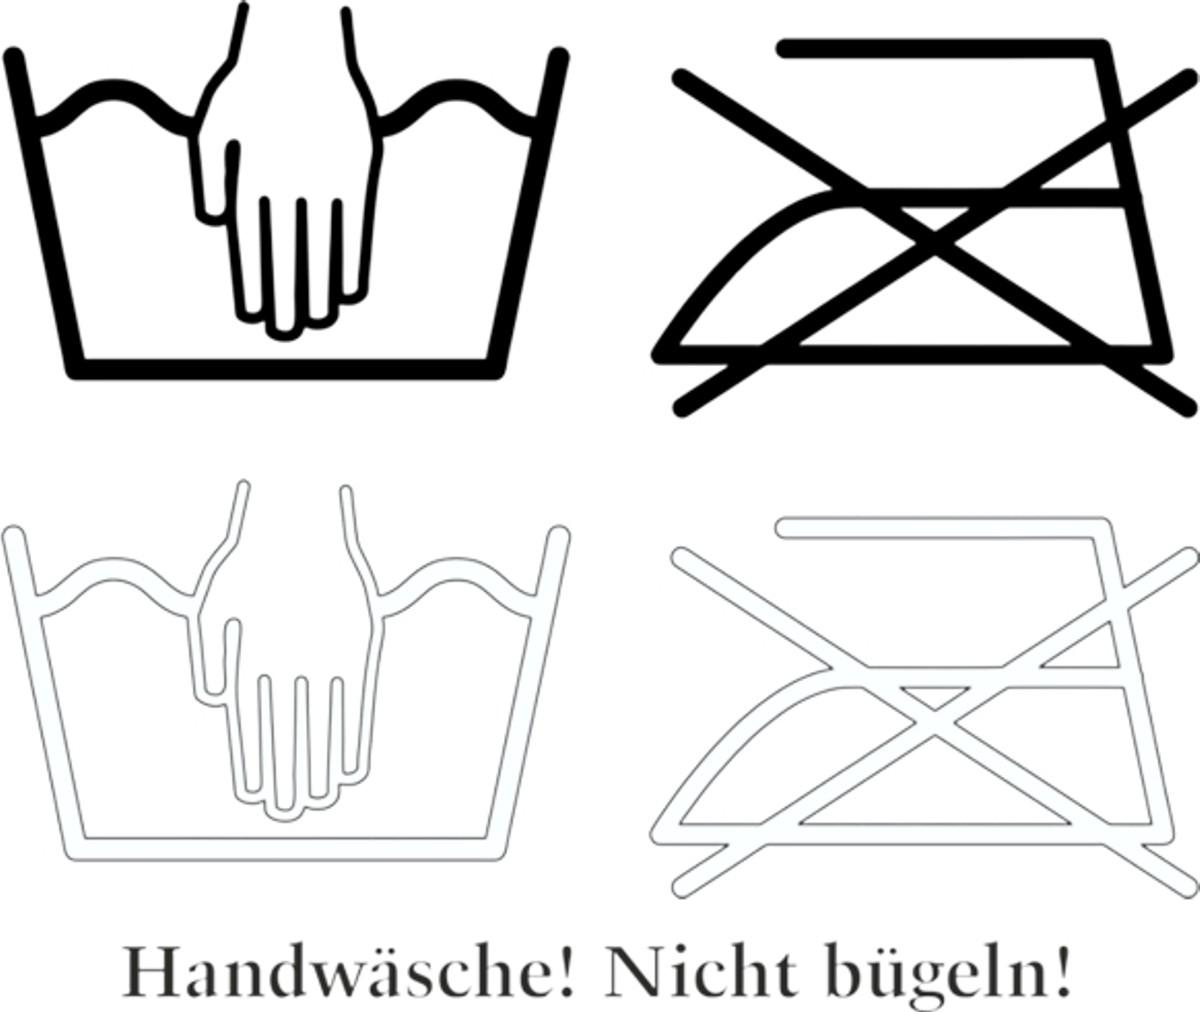 Autocollant Lavage à main! Ne repasser pas! 4 pièces 115 x 150 mm – Bild 1